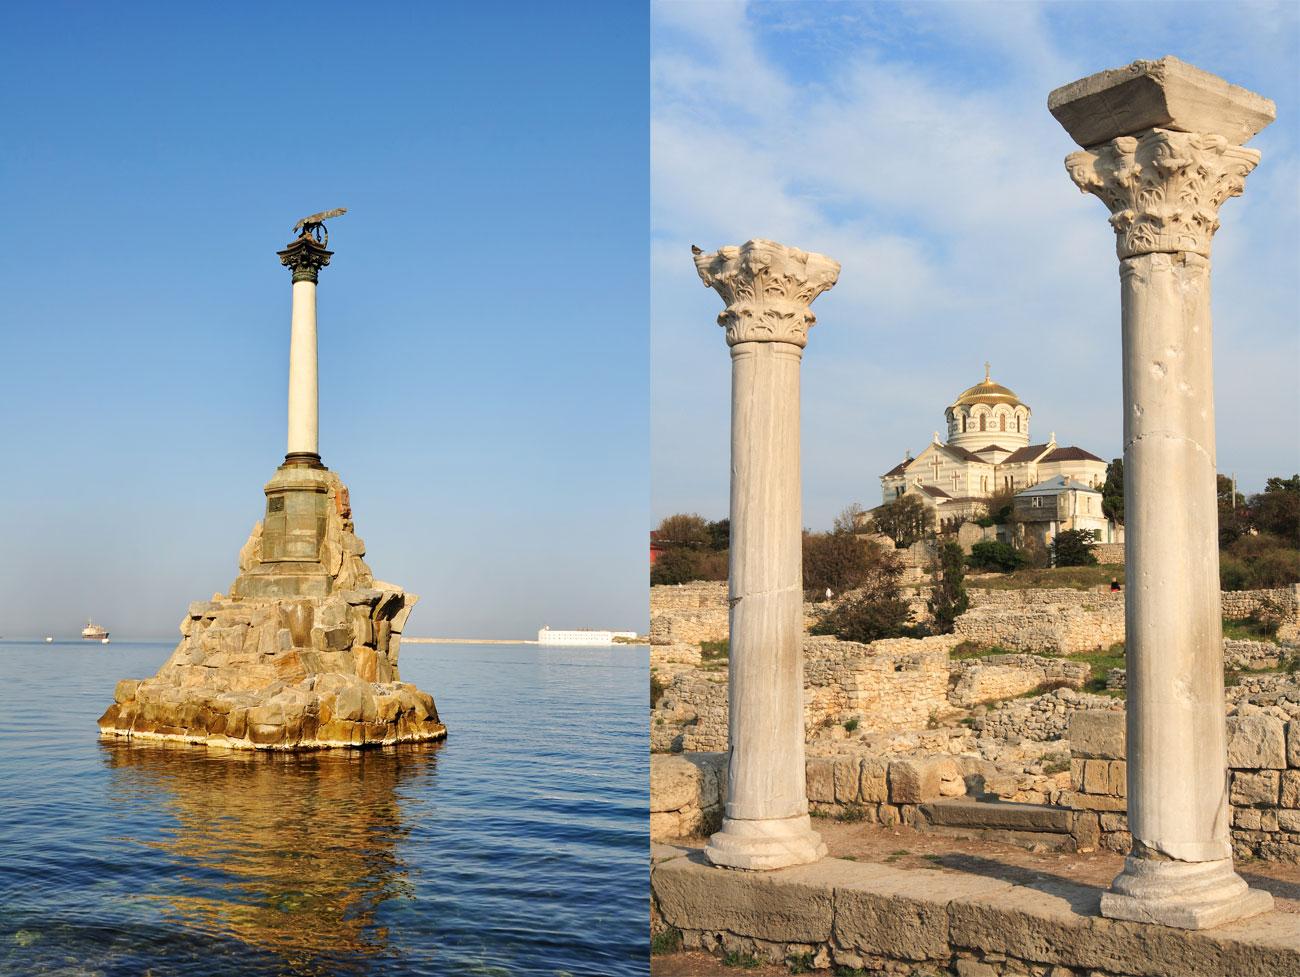 La città di Sebastopoli, in Crimea, culla della Flotta russa del Mar Nero, ha una storia lunga e turbolenta. I suoi simboli principali sono il monumento alle navi affondate e le rovine dell'antica città di Cherson